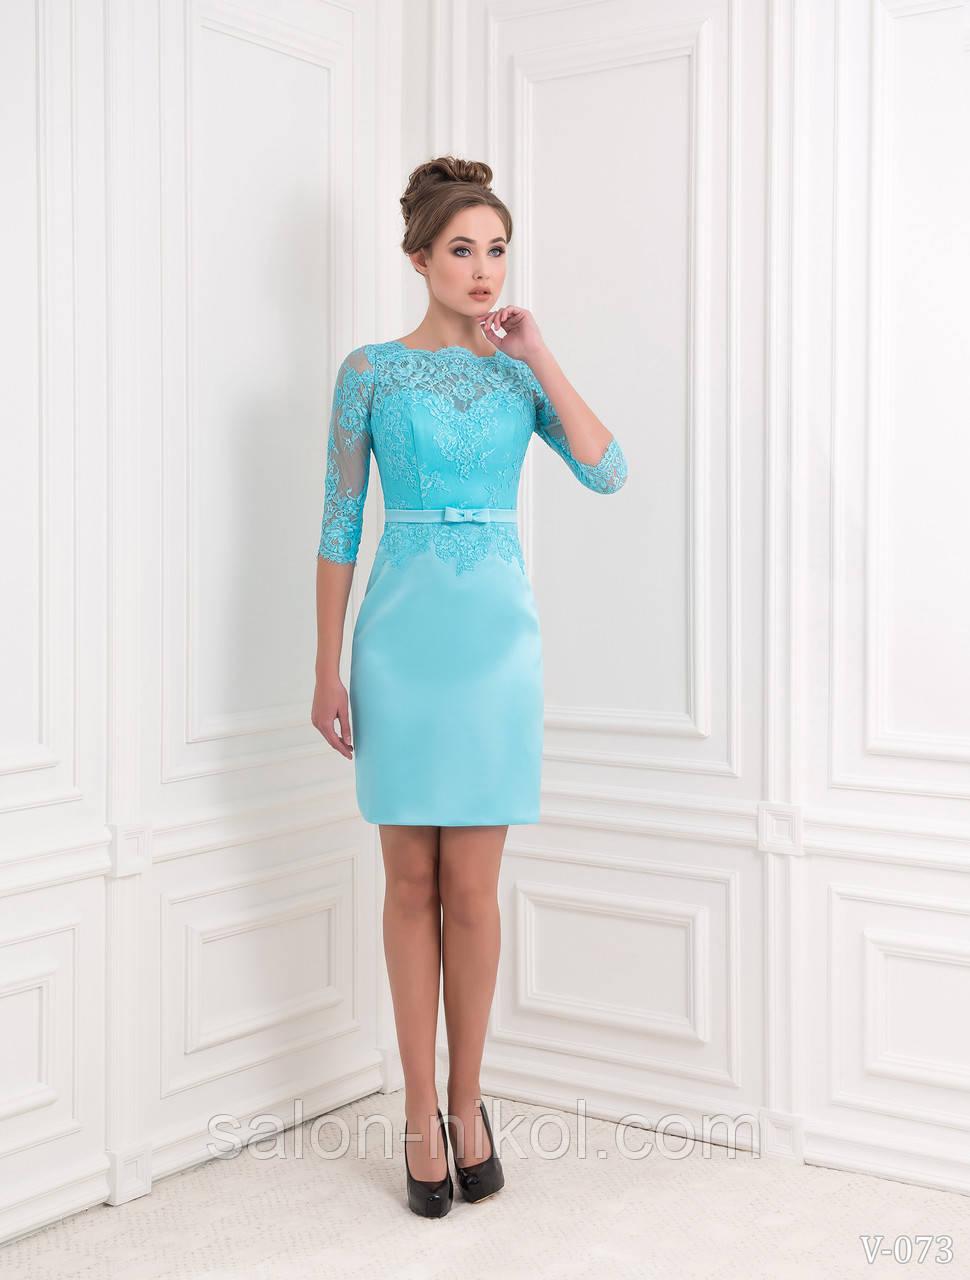 Вечернее, выпускное платье V-073